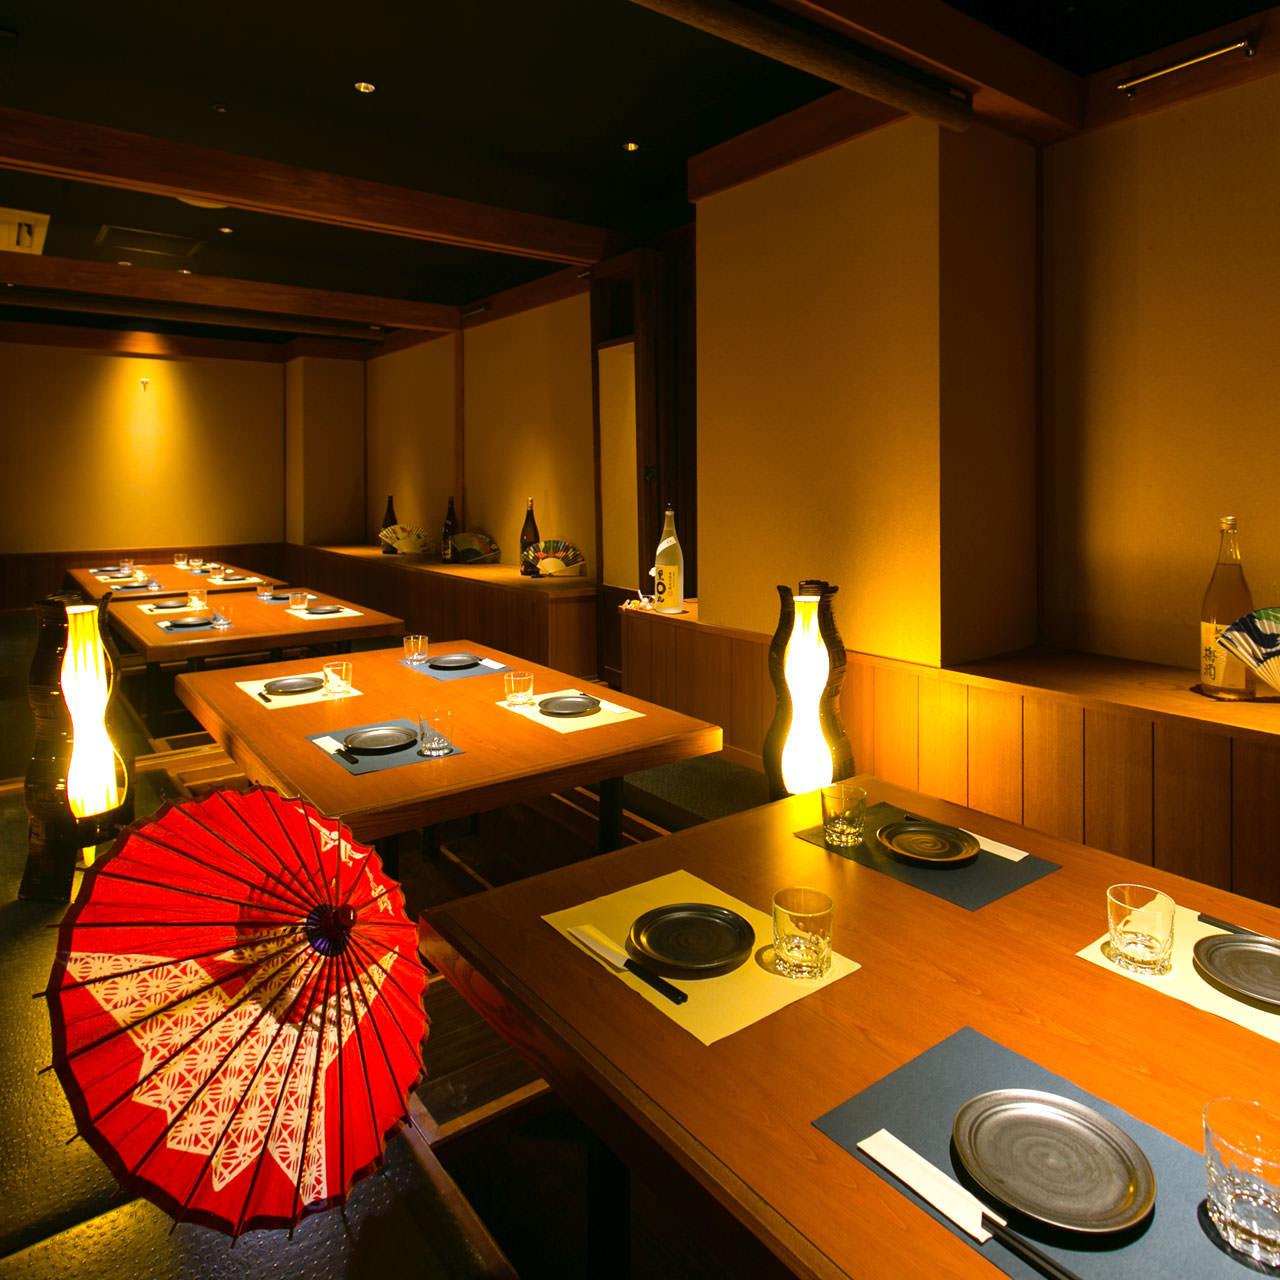 豊橋市のおすすめ居酒屋特集!安くておいしい人気店や飲み放題も!